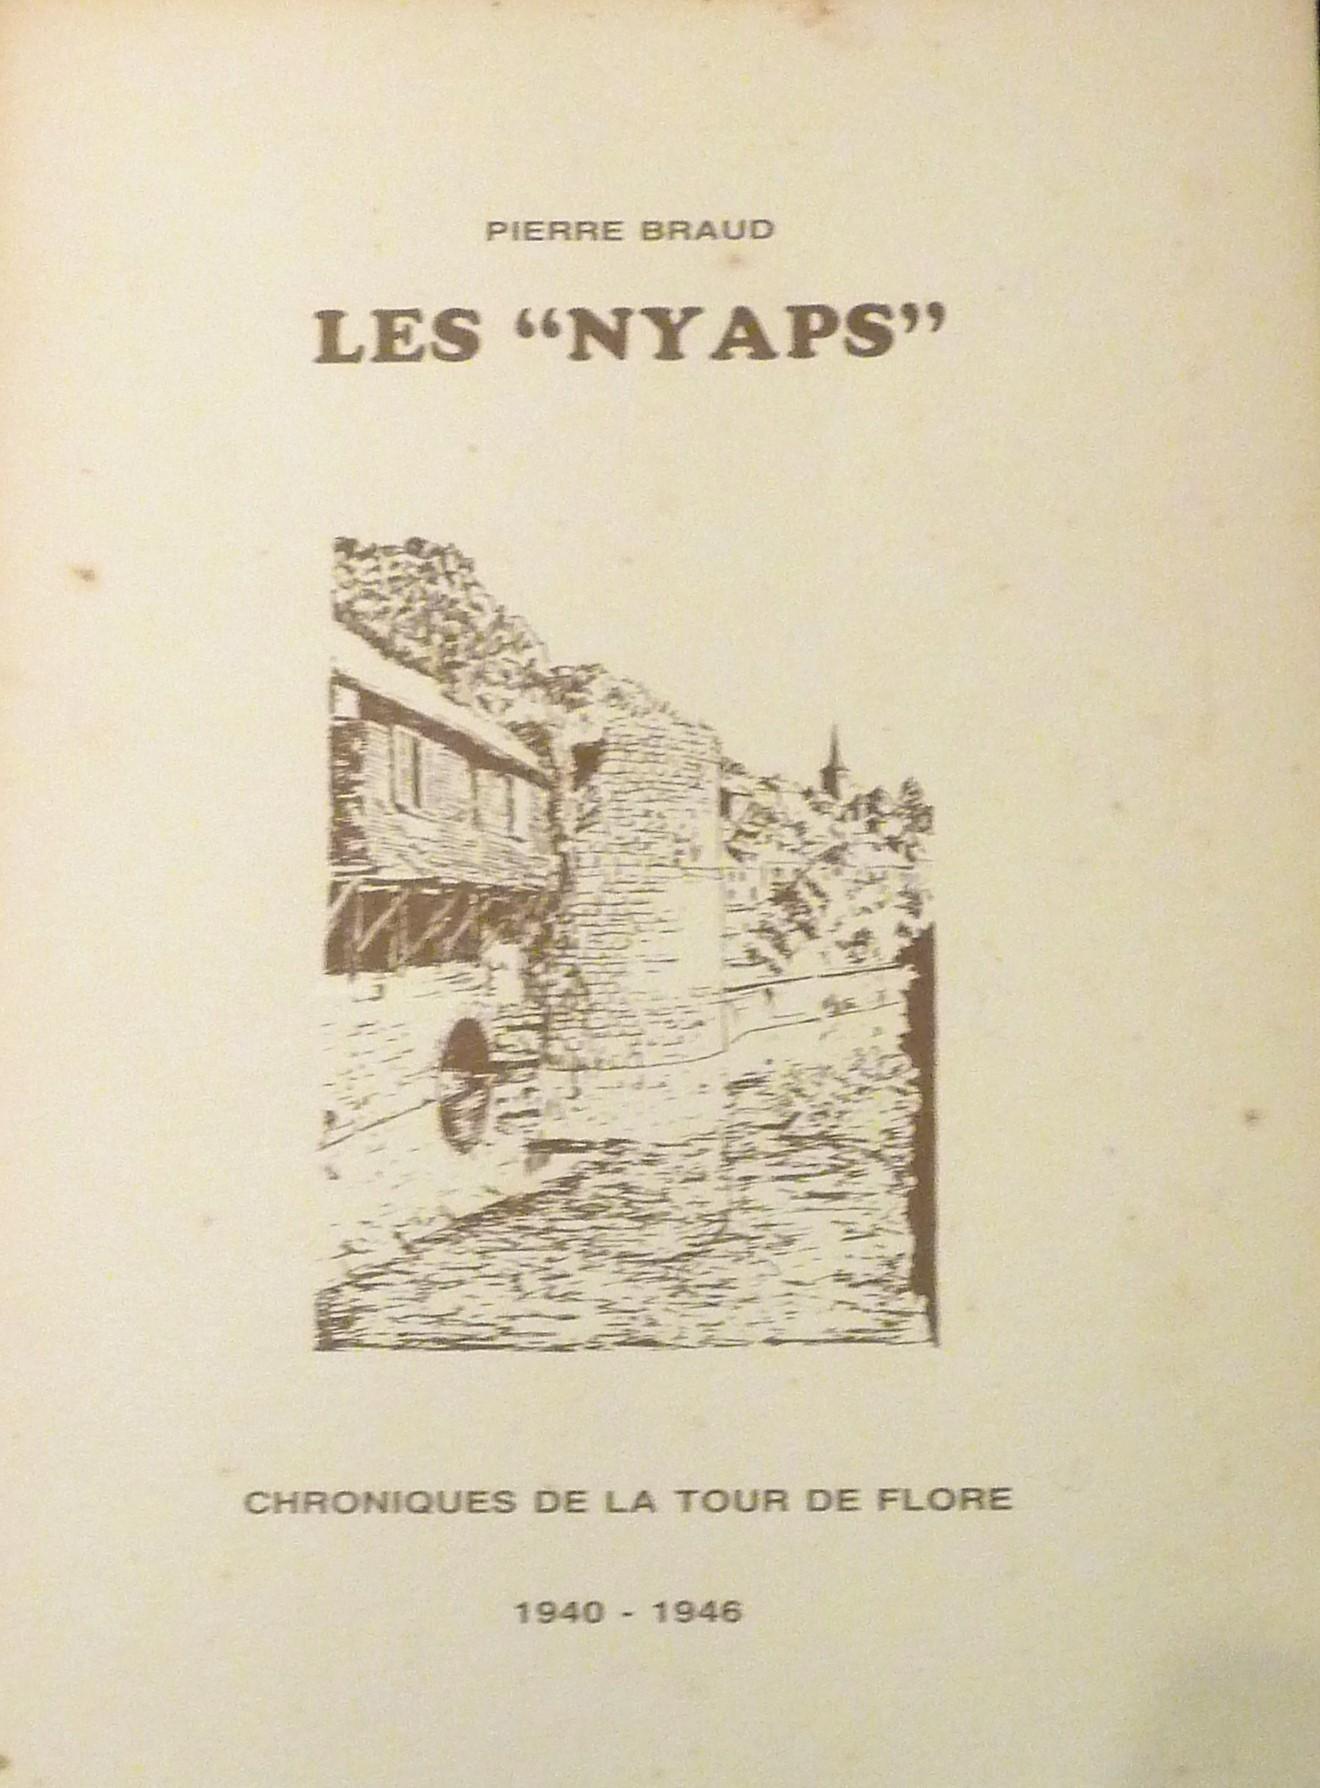 Le Jura Francais N°312 Revue des Livres 2 Les Nyaps ou Chronique de la tour de Flore de Pierre Braud